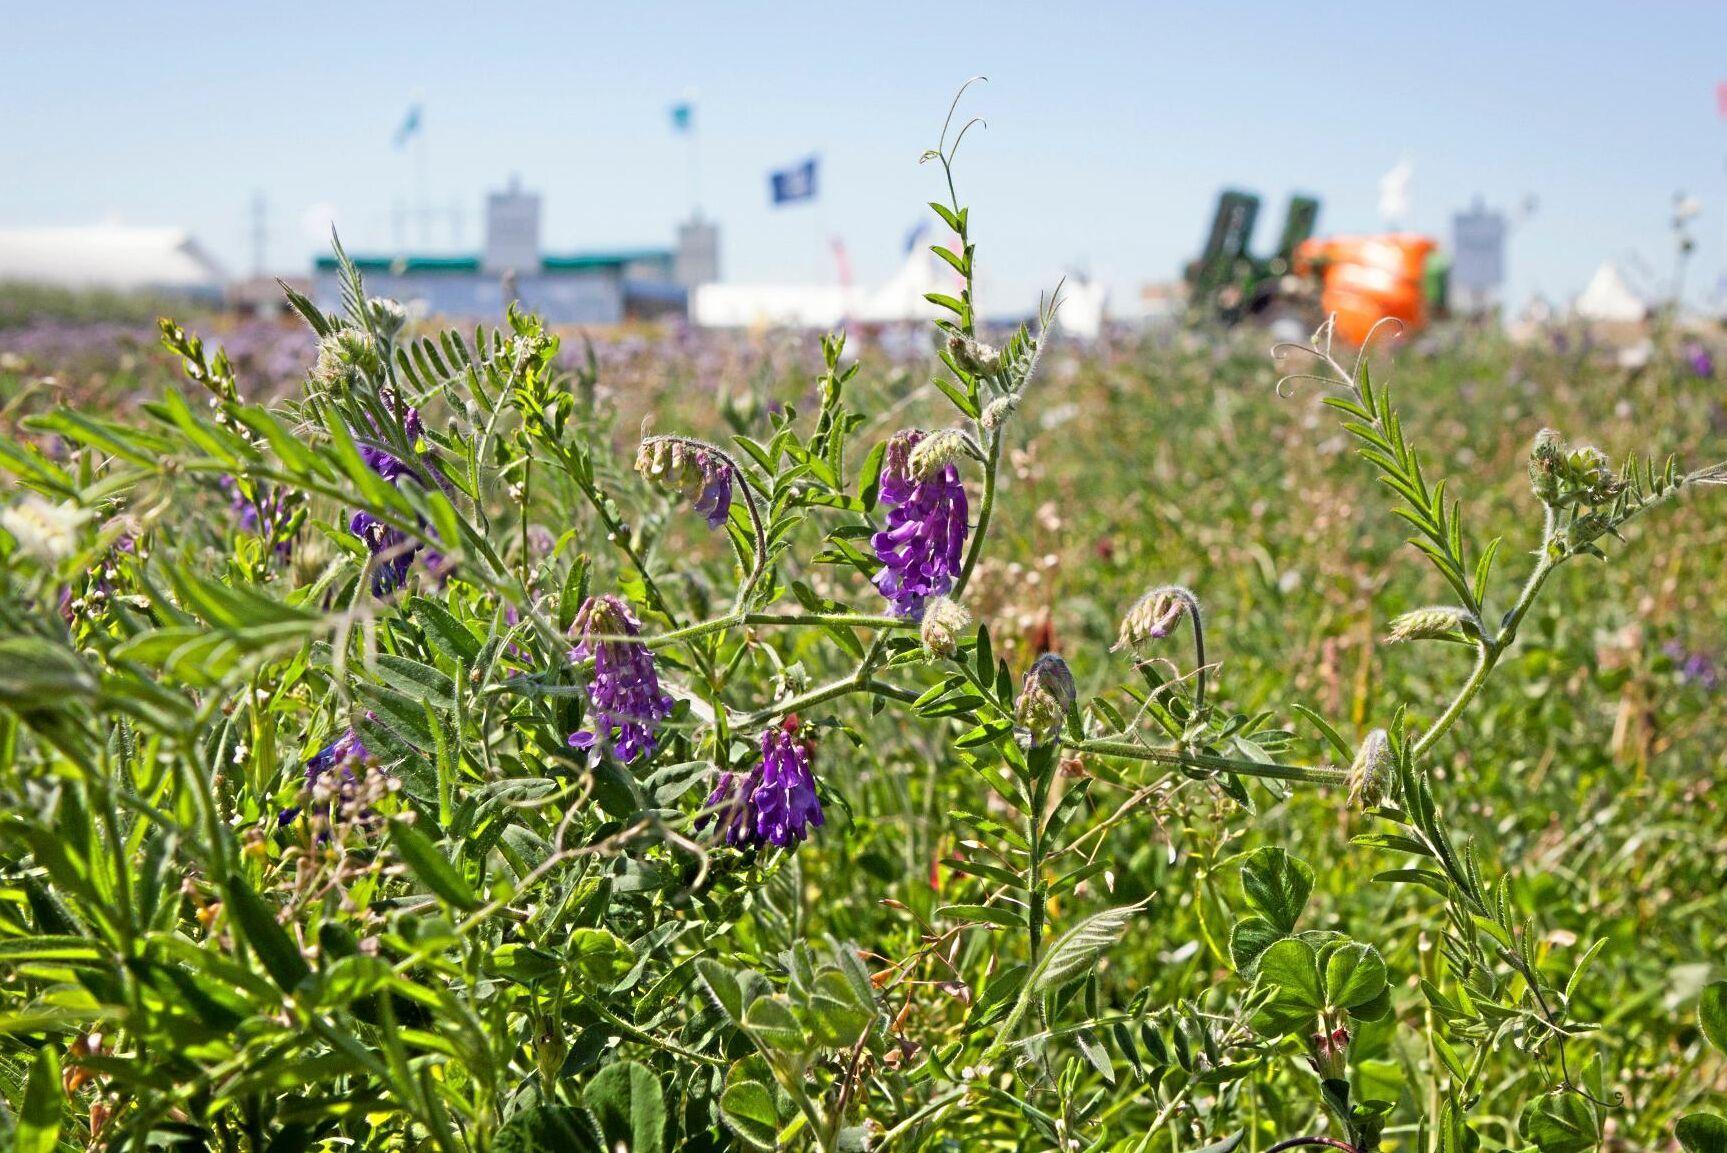 Odling med luddvicker, blodklöver och italienskt rajgräs. Just rajgräs är vanligt när vallen ska förbättras.